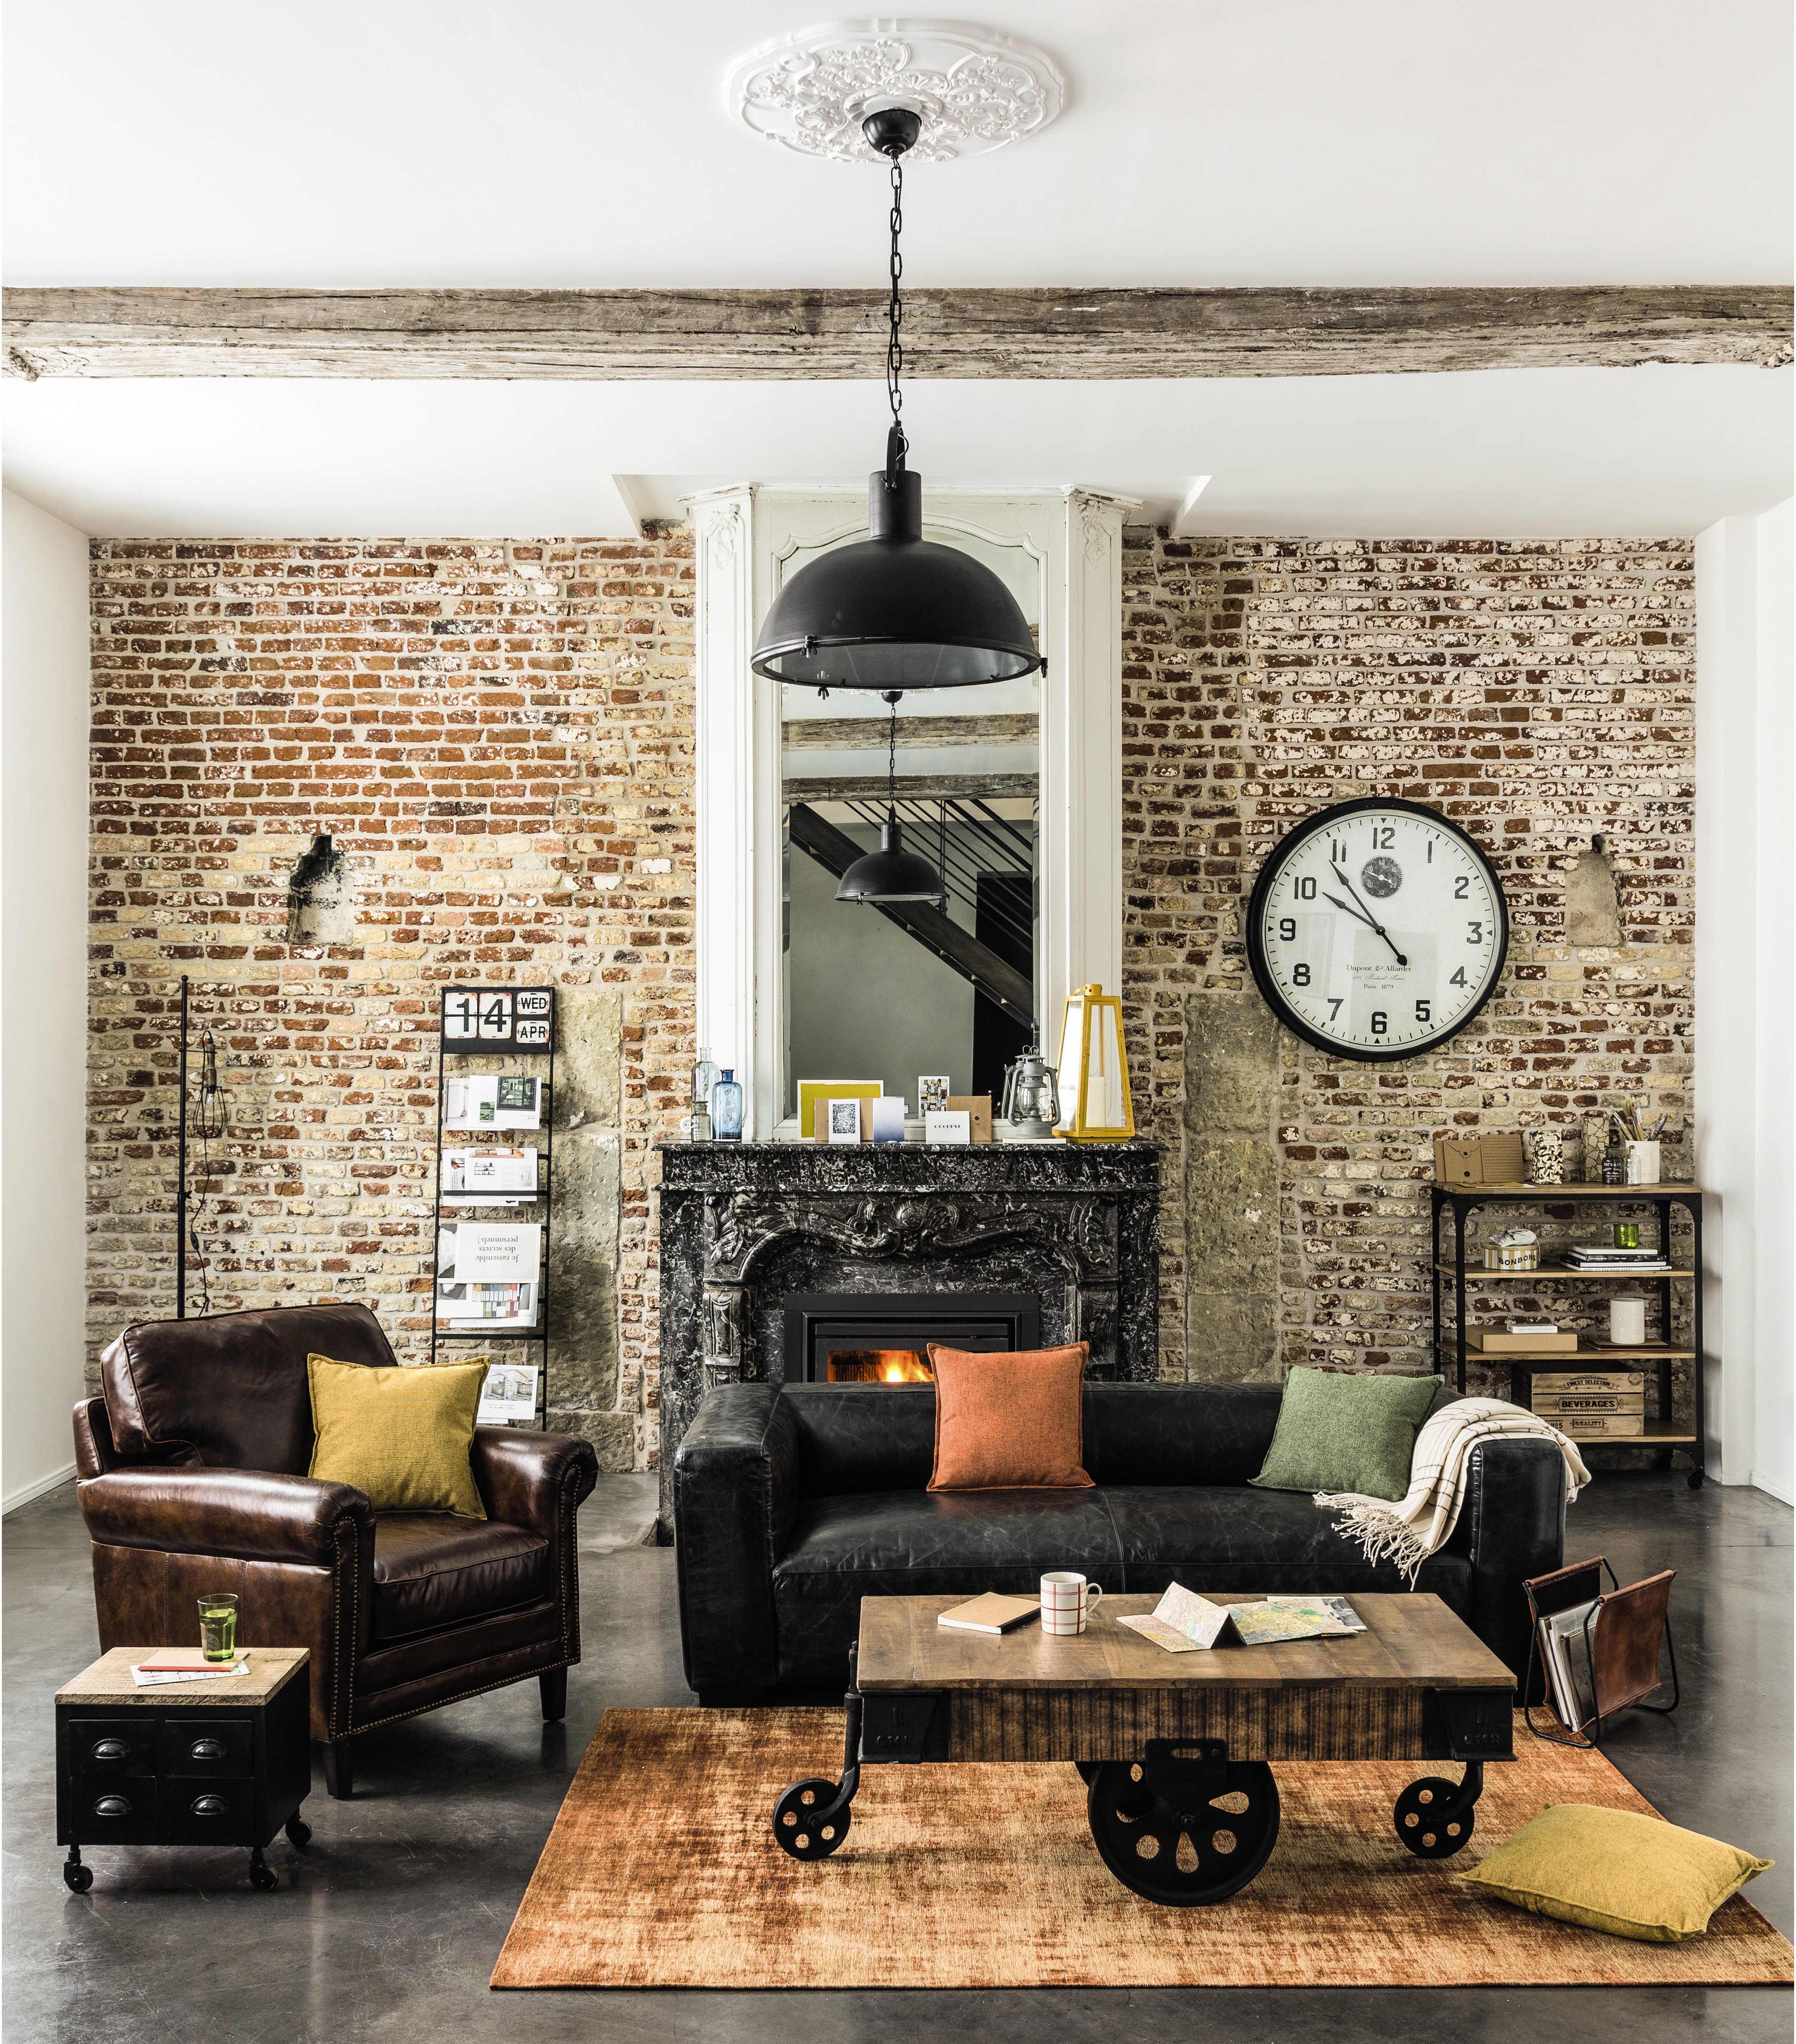 comment transformer votre int rieur en loft industriel partie 2 decoratrice andernos. Black Bedroom Furniture Sets. Home Design Ideas